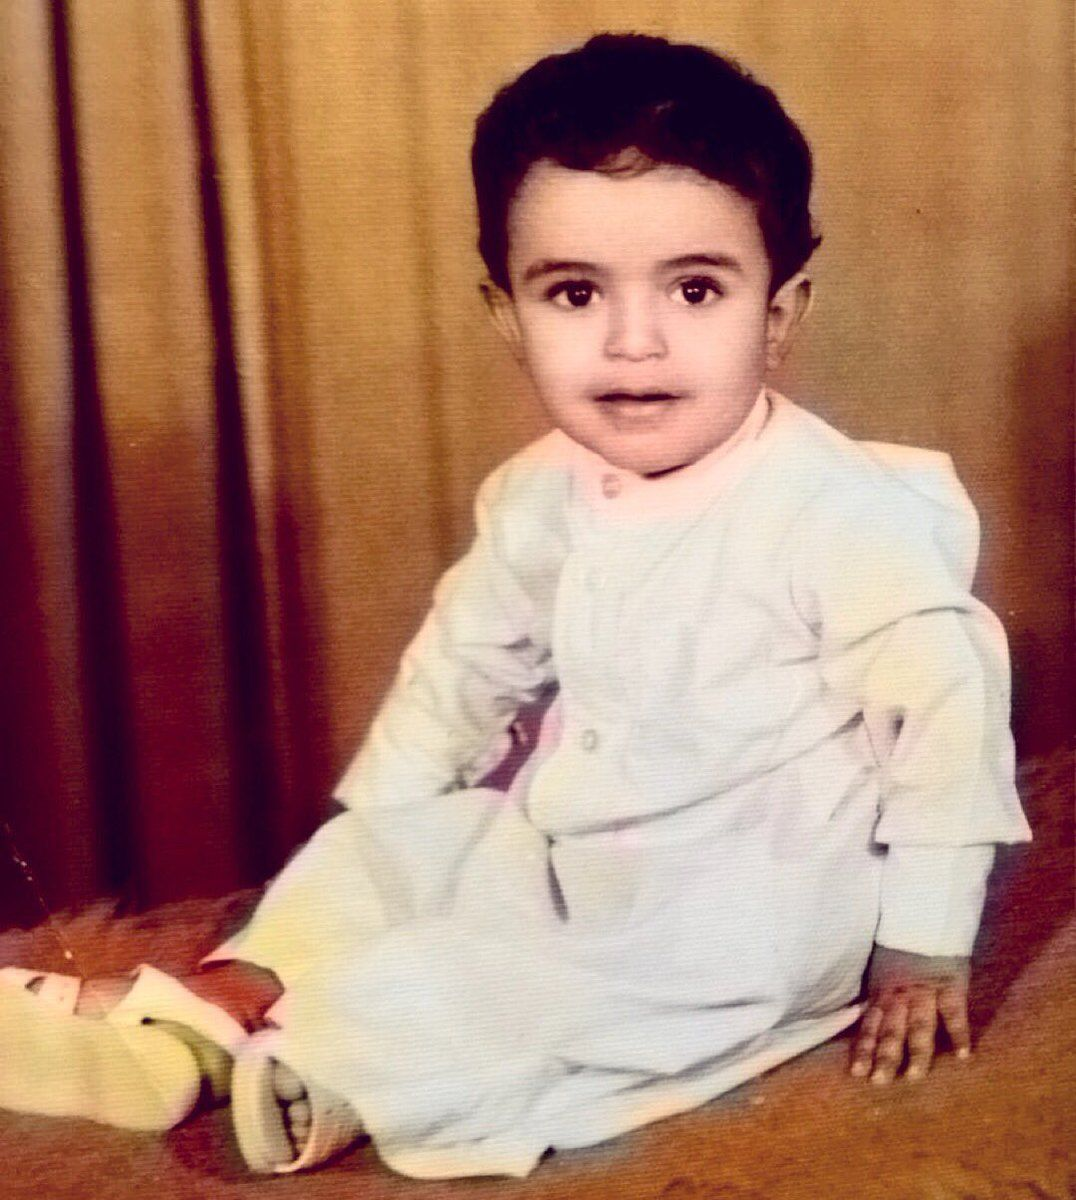 شاهد صور الشيخ مشاري راشد العفاسي في طفولته و بداية مرحلة الشباب Baby Face Blog Face